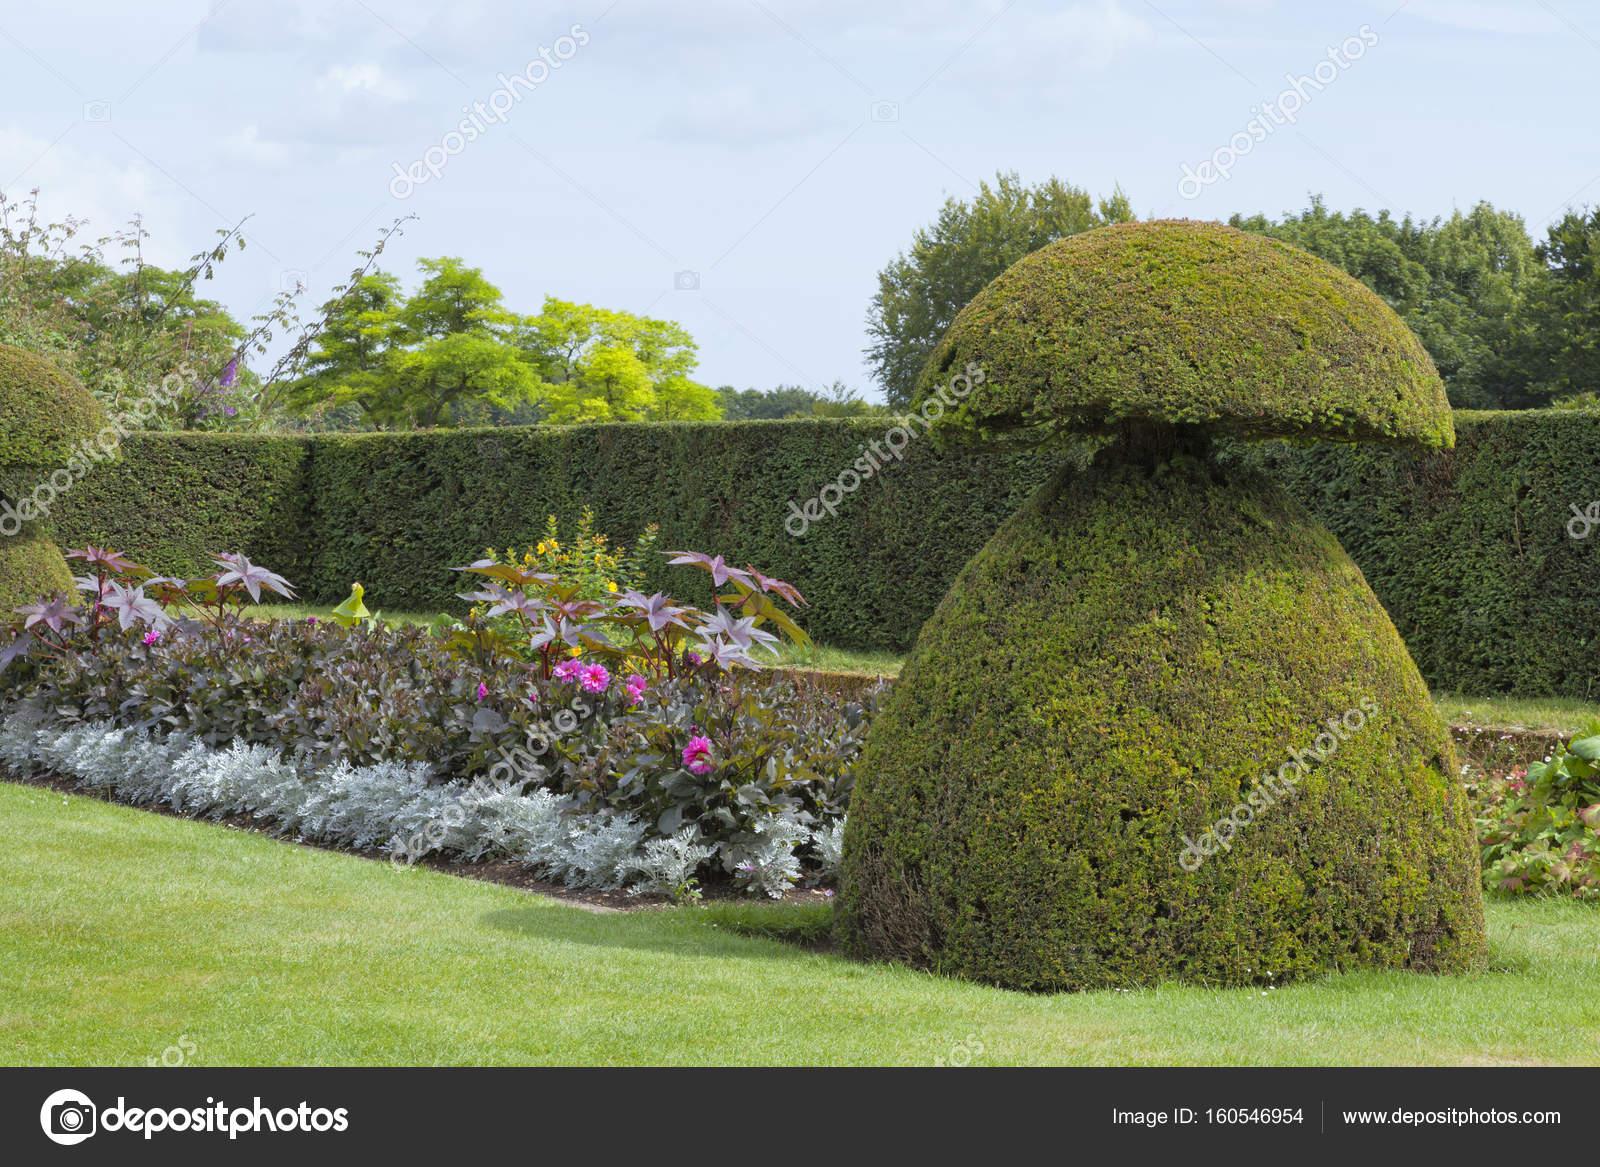 topiary garten mit sommerpflanzen, sträucher, bäume, hohe hecke